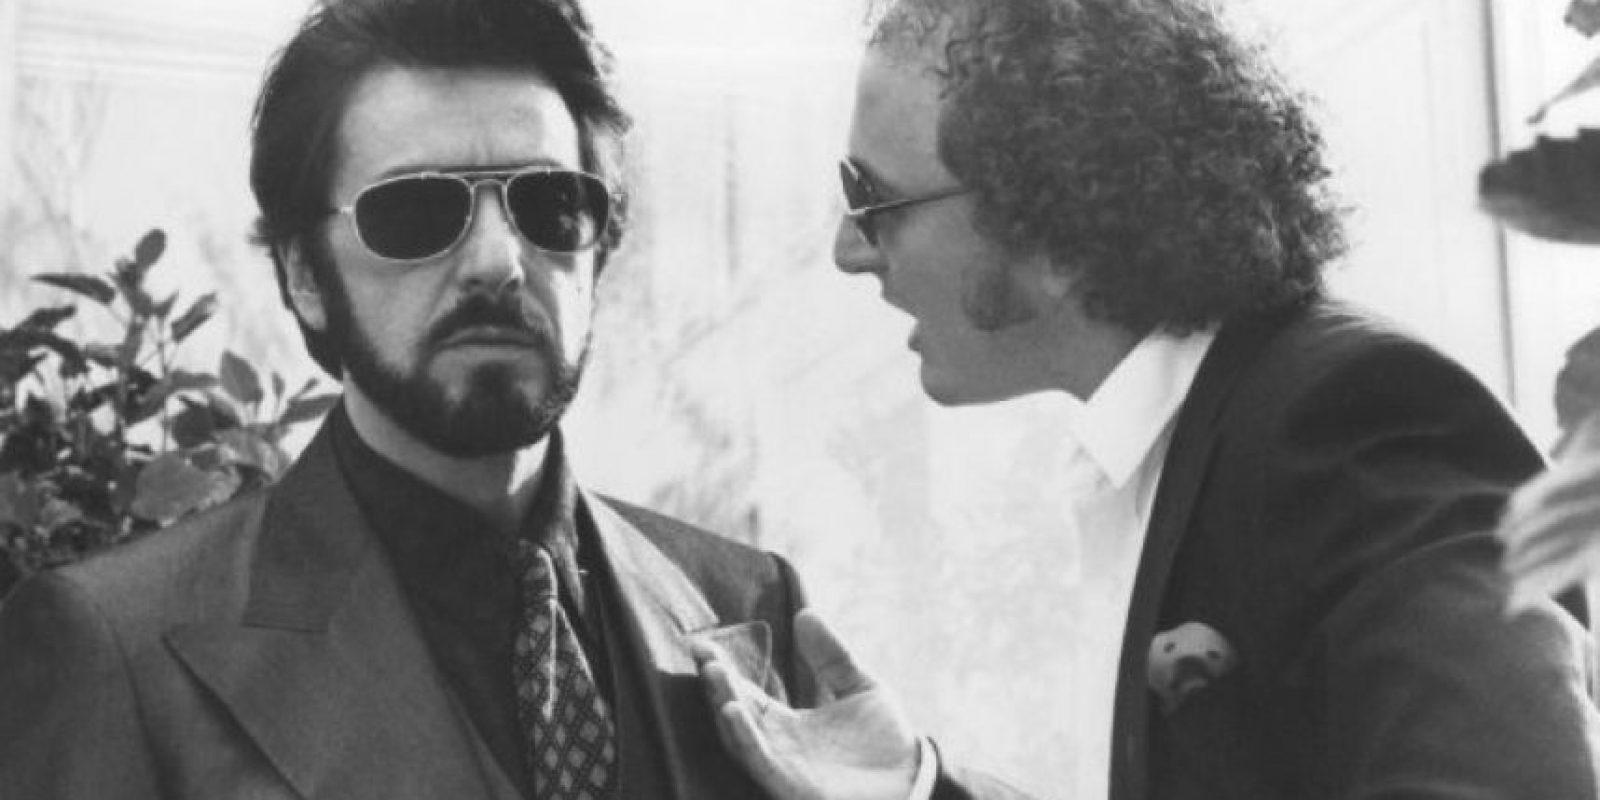 """Interpretó a """"Carlito Brigante"""", un narcotraficante puertorriqueño que tras salir de prisión decide reformarse y alejarse de los negocios ilegales que aún lo persiguen. Foto:Universal Pictures"""